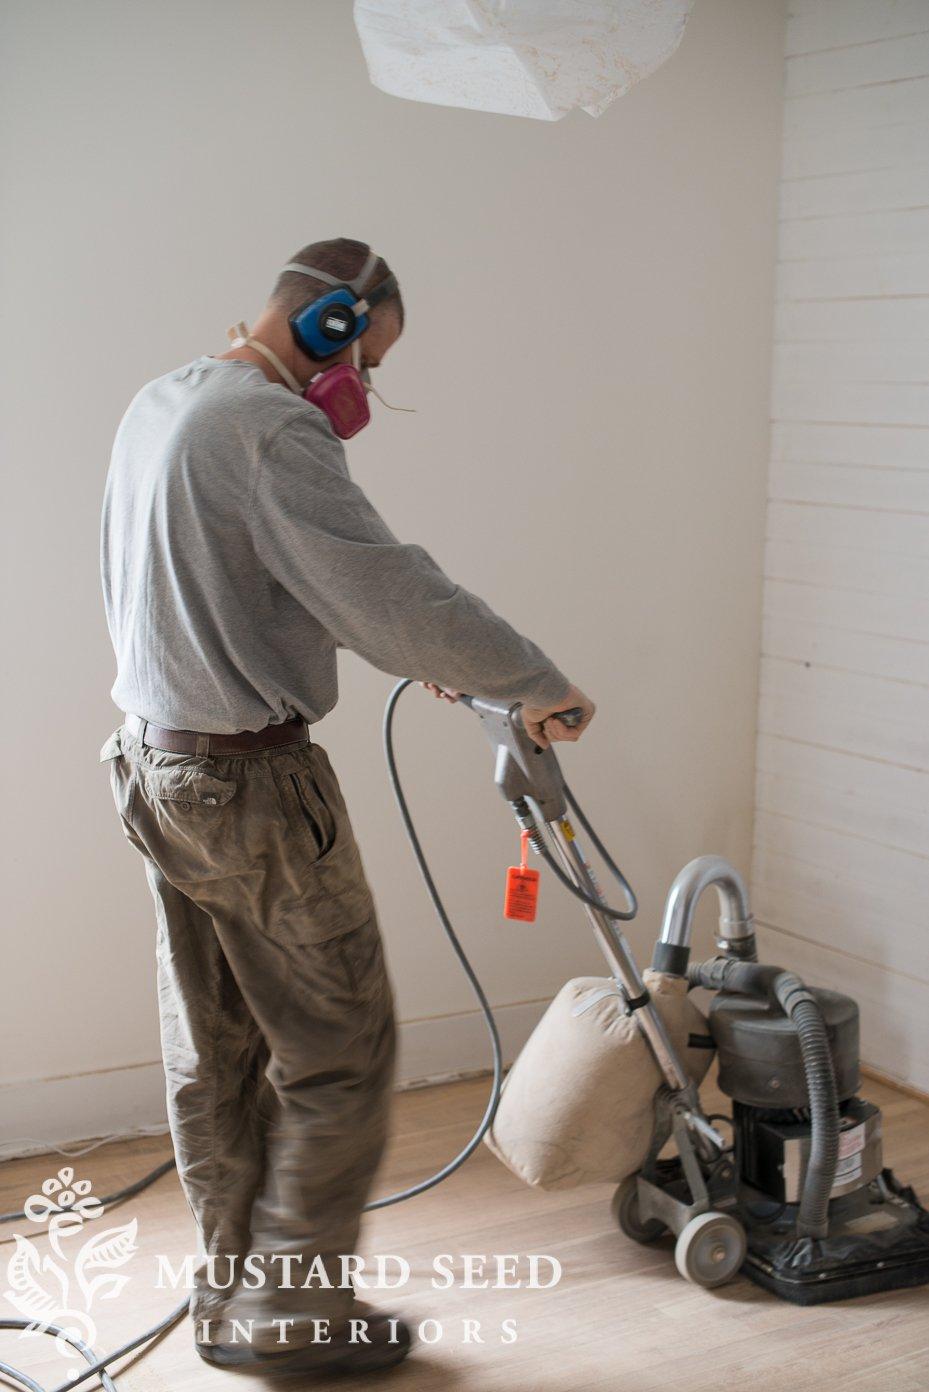 refinishing oak wood floors miss mustard seed